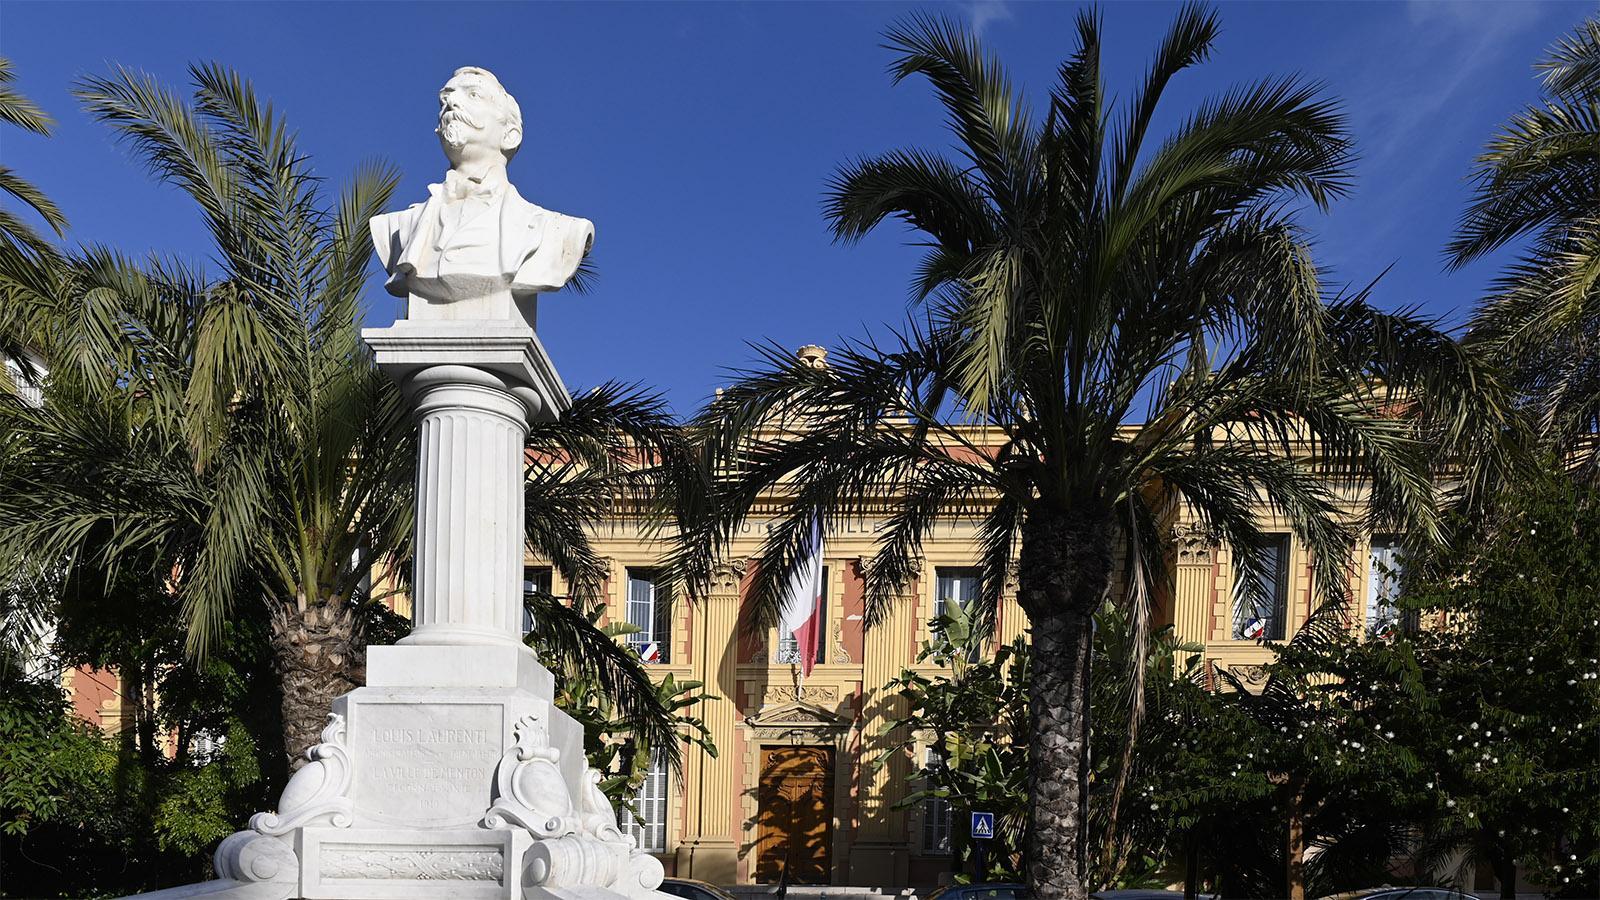 Im Rathaus von Menton malte Jean Cocteau das Trauzimmer romantisch aus. Foto: Hilke Maunder